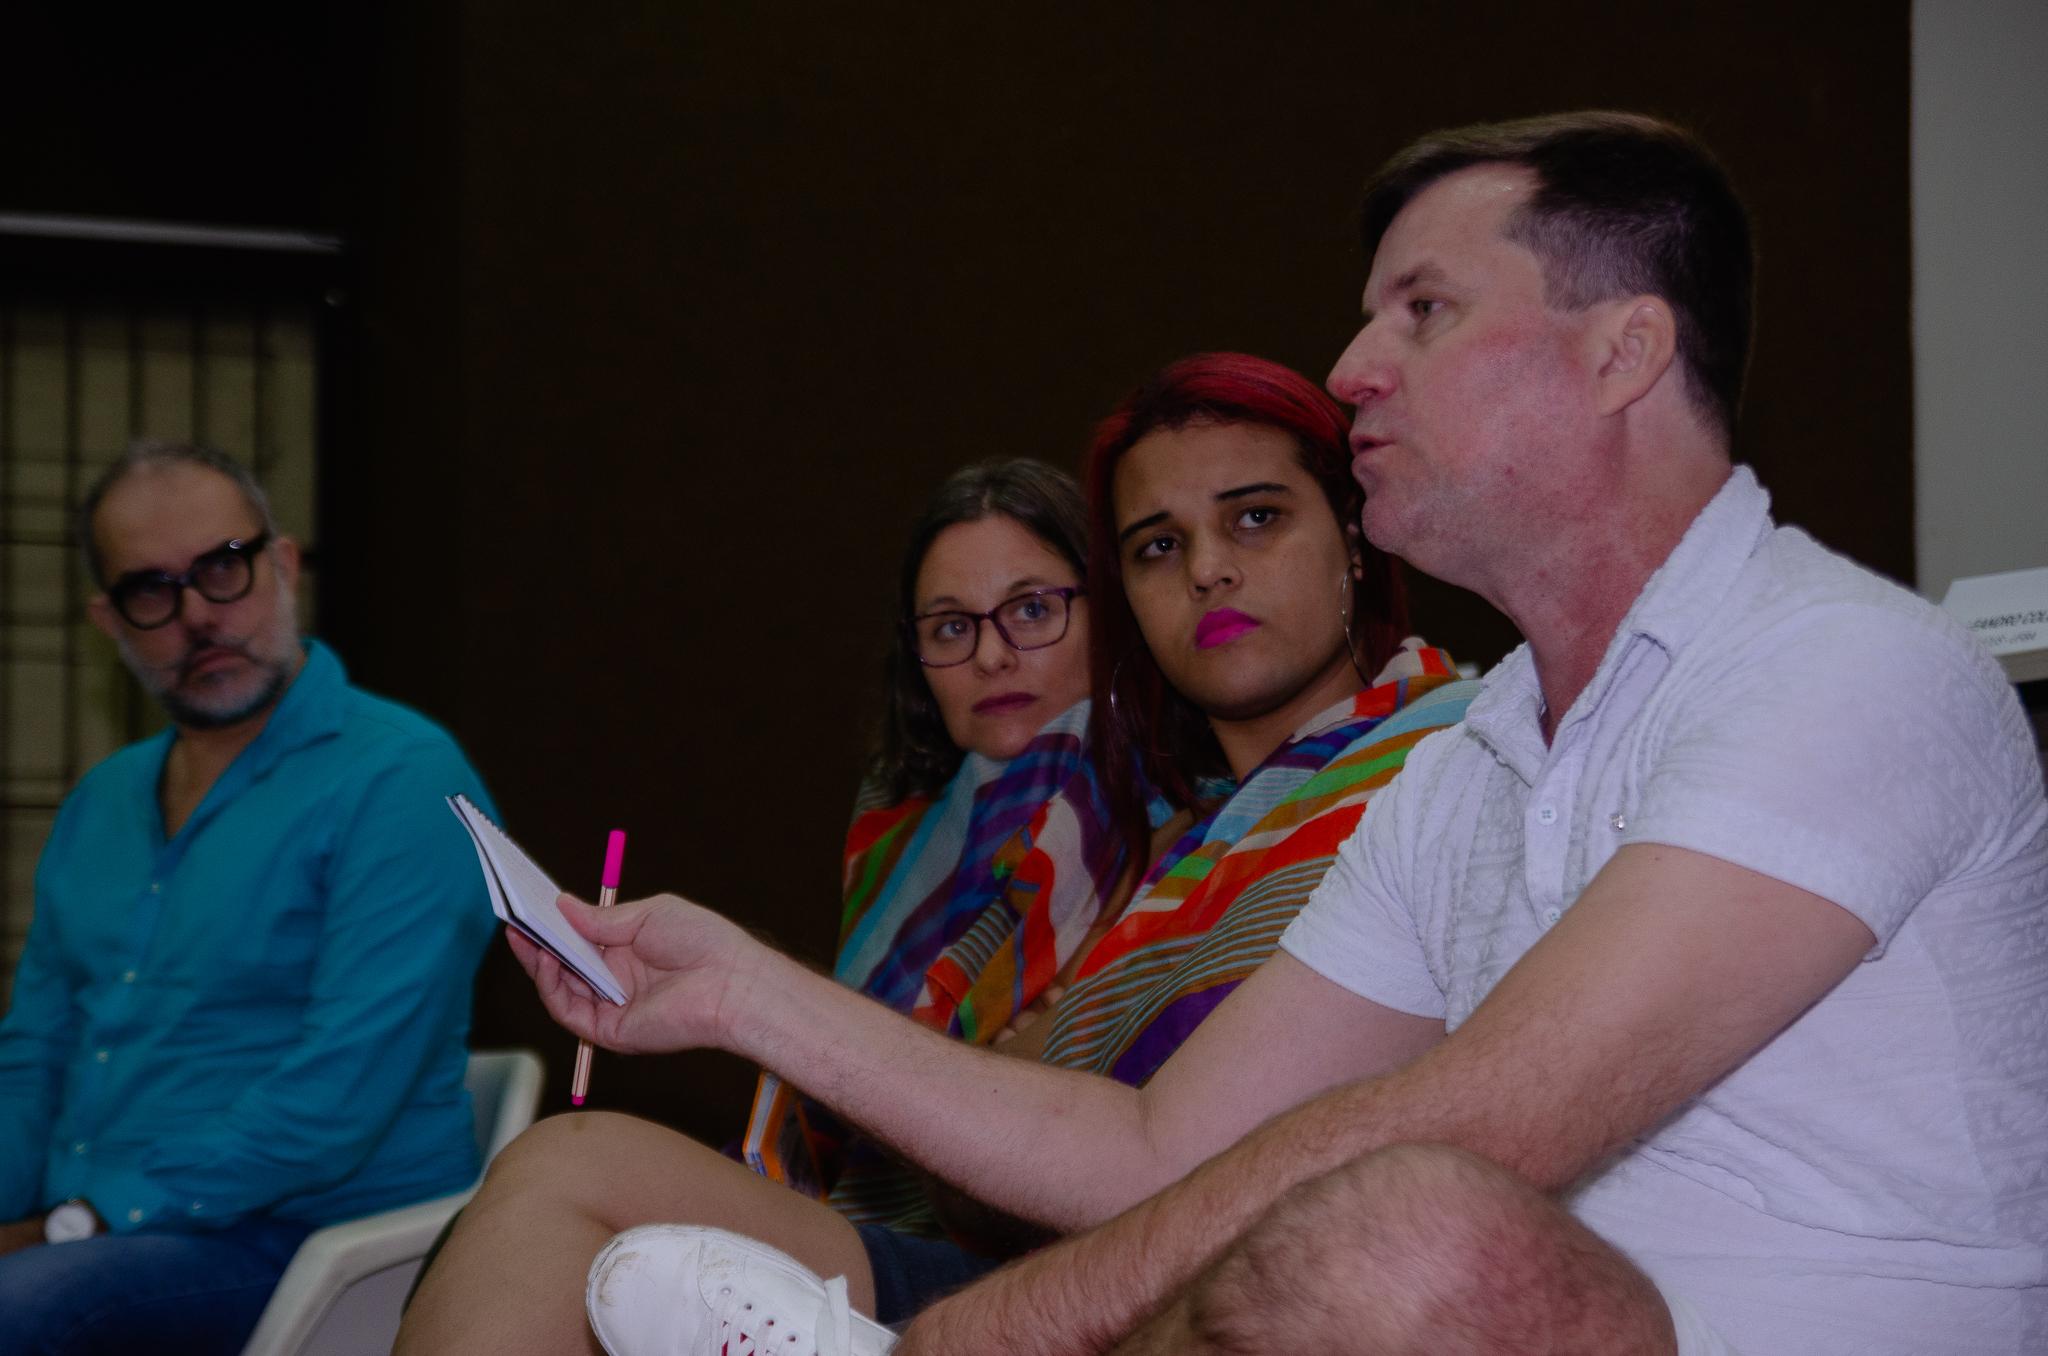 Simpósio promovido pelo NUCUS discute performatividade de gênero, performances, artivismo trans e HIV